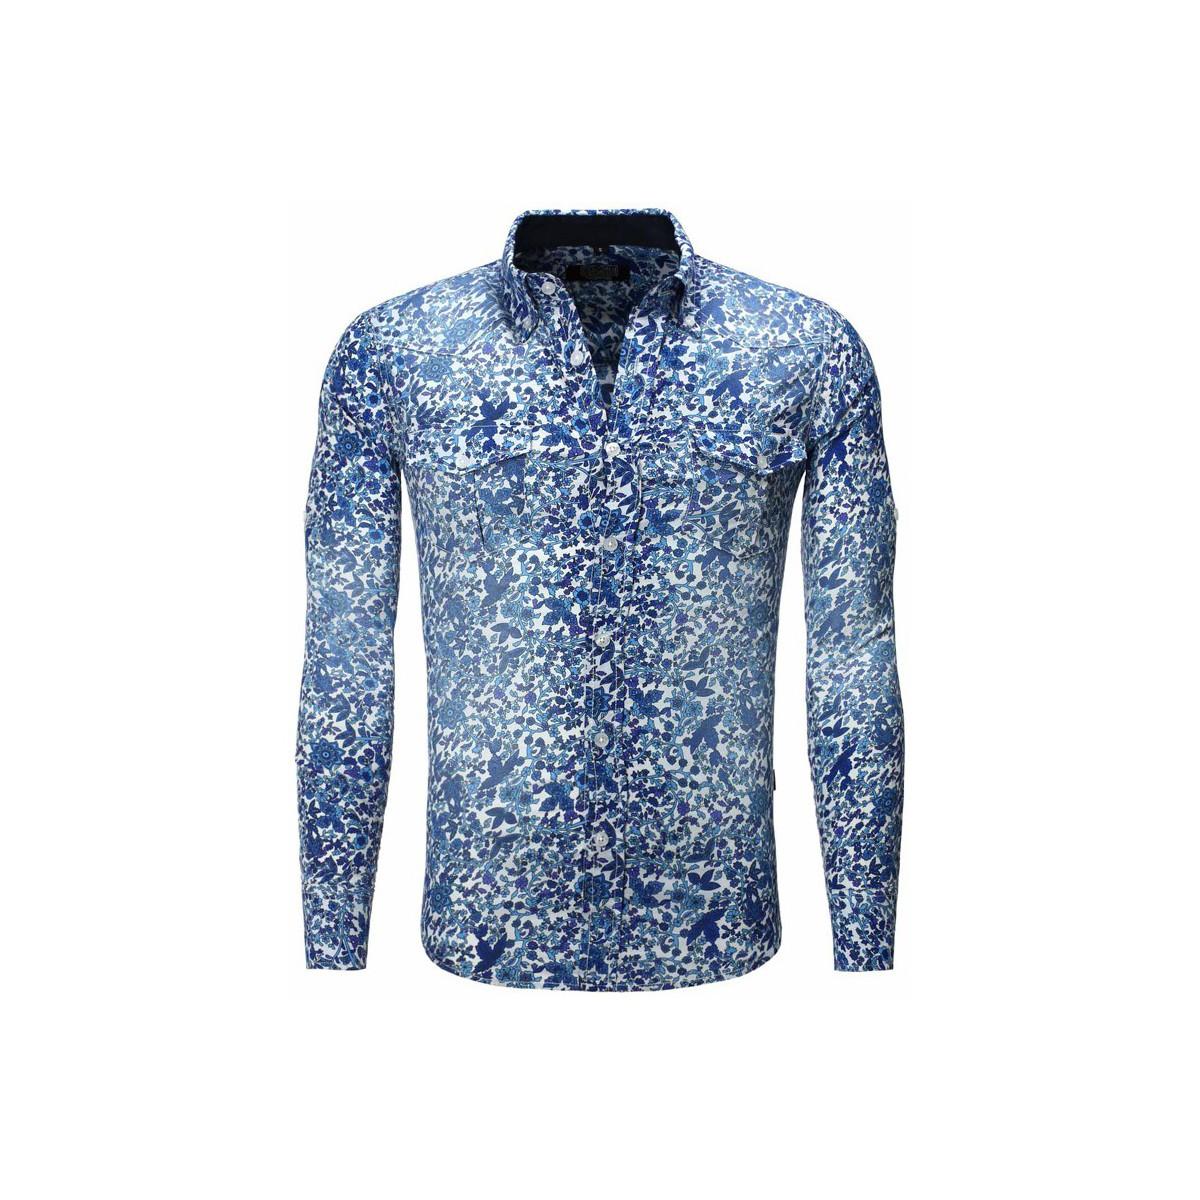 Carisma Chemise fleurie coupe ajustée Chemise 8241 bleu Bleu